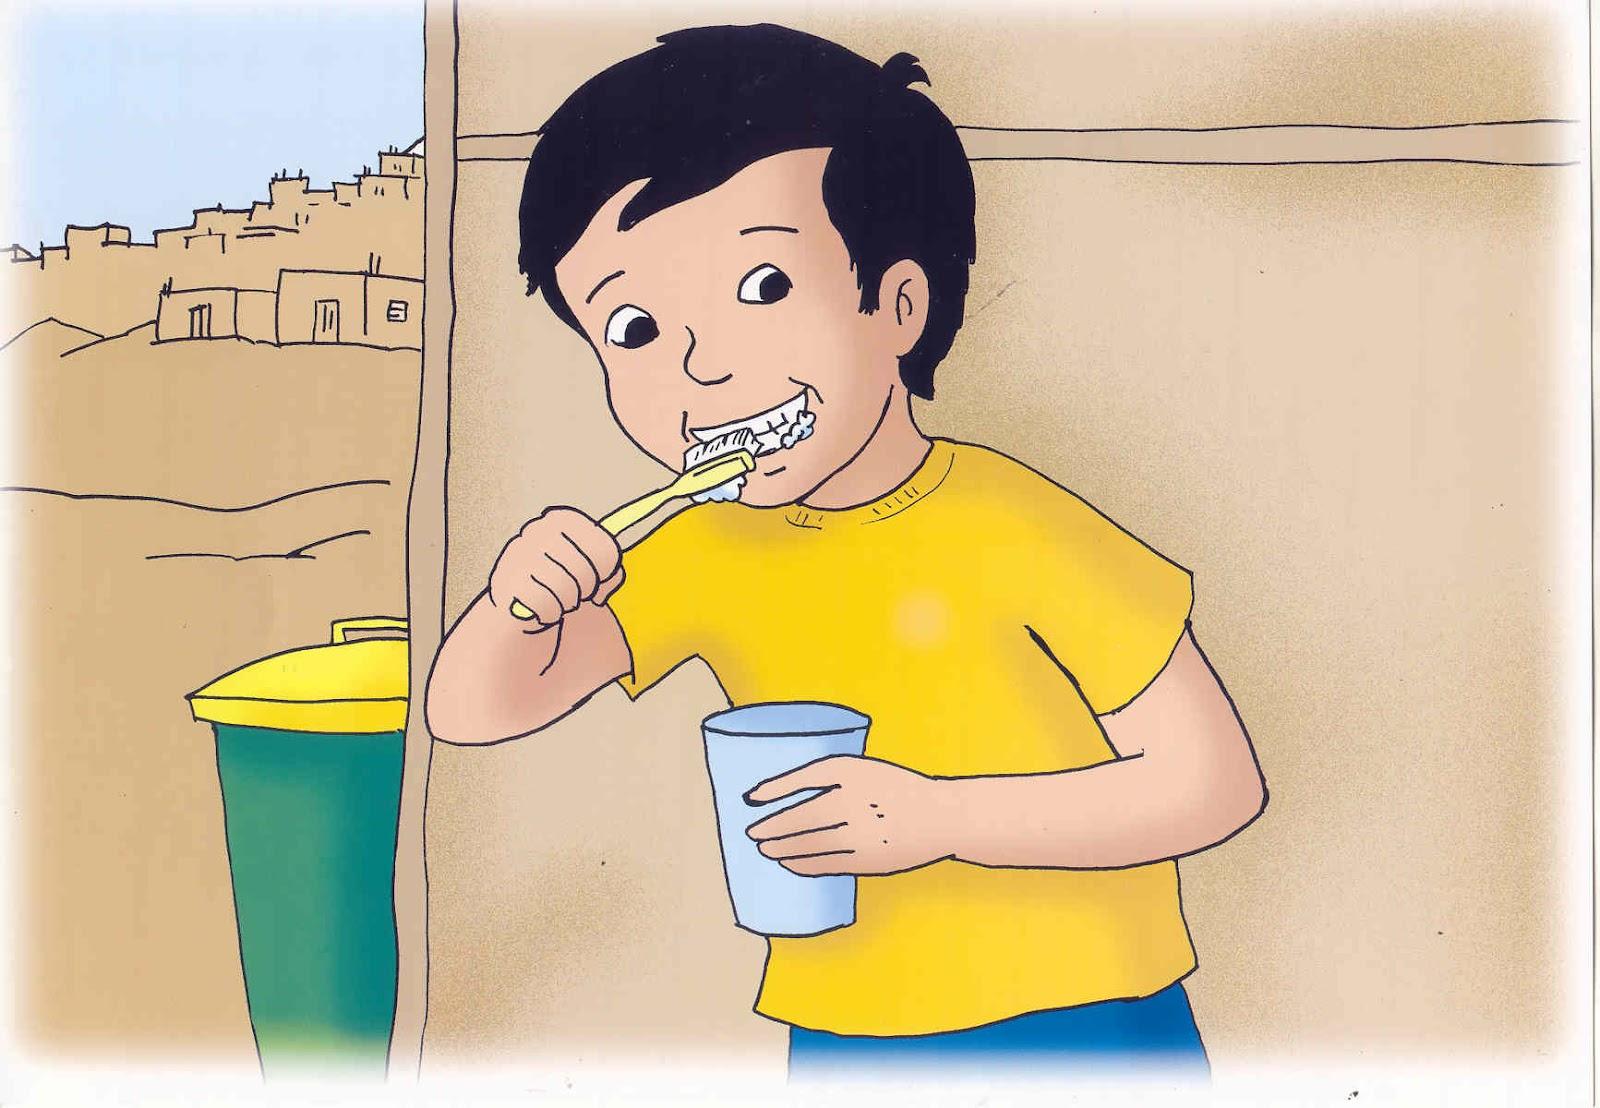 Risitas aprendiendo a ahorrar el agua - Maneras de pintar ...